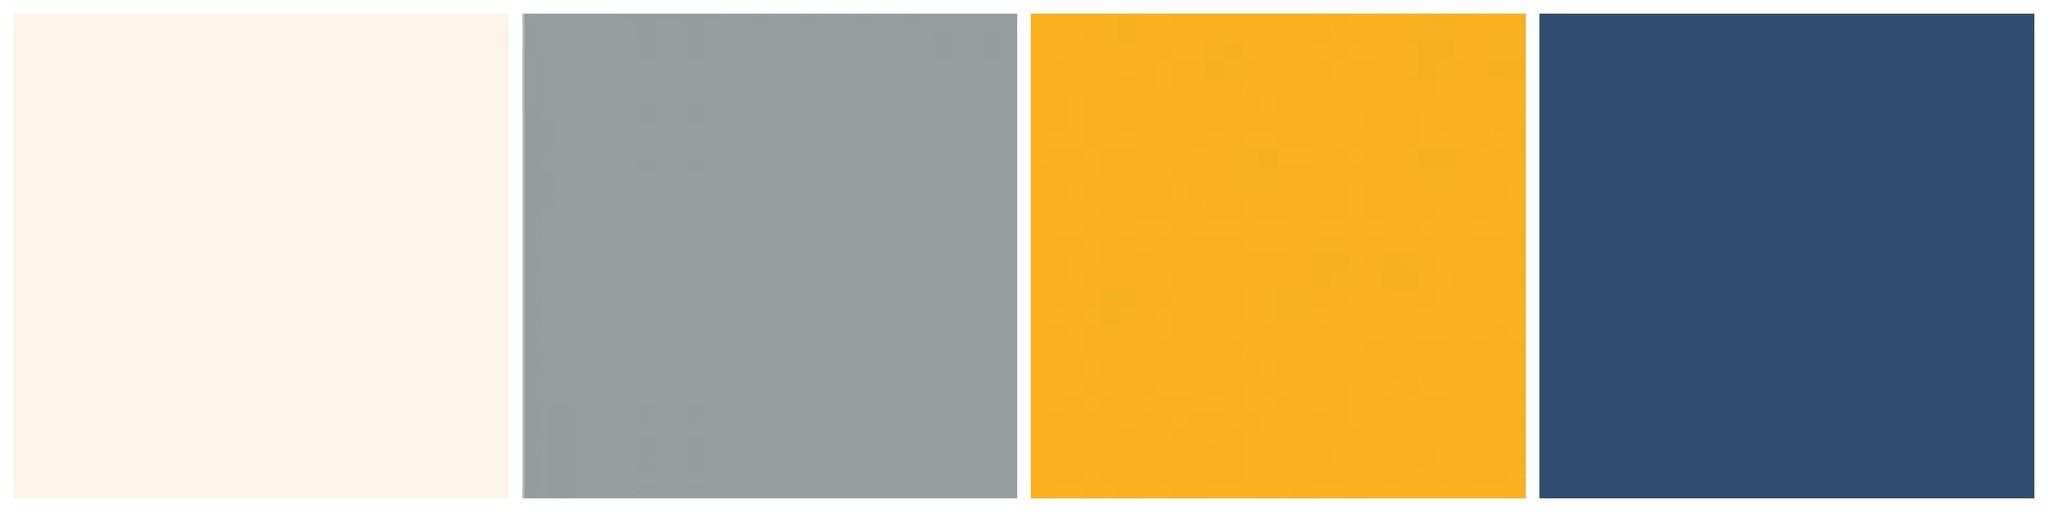 Winkelvloer kleuren